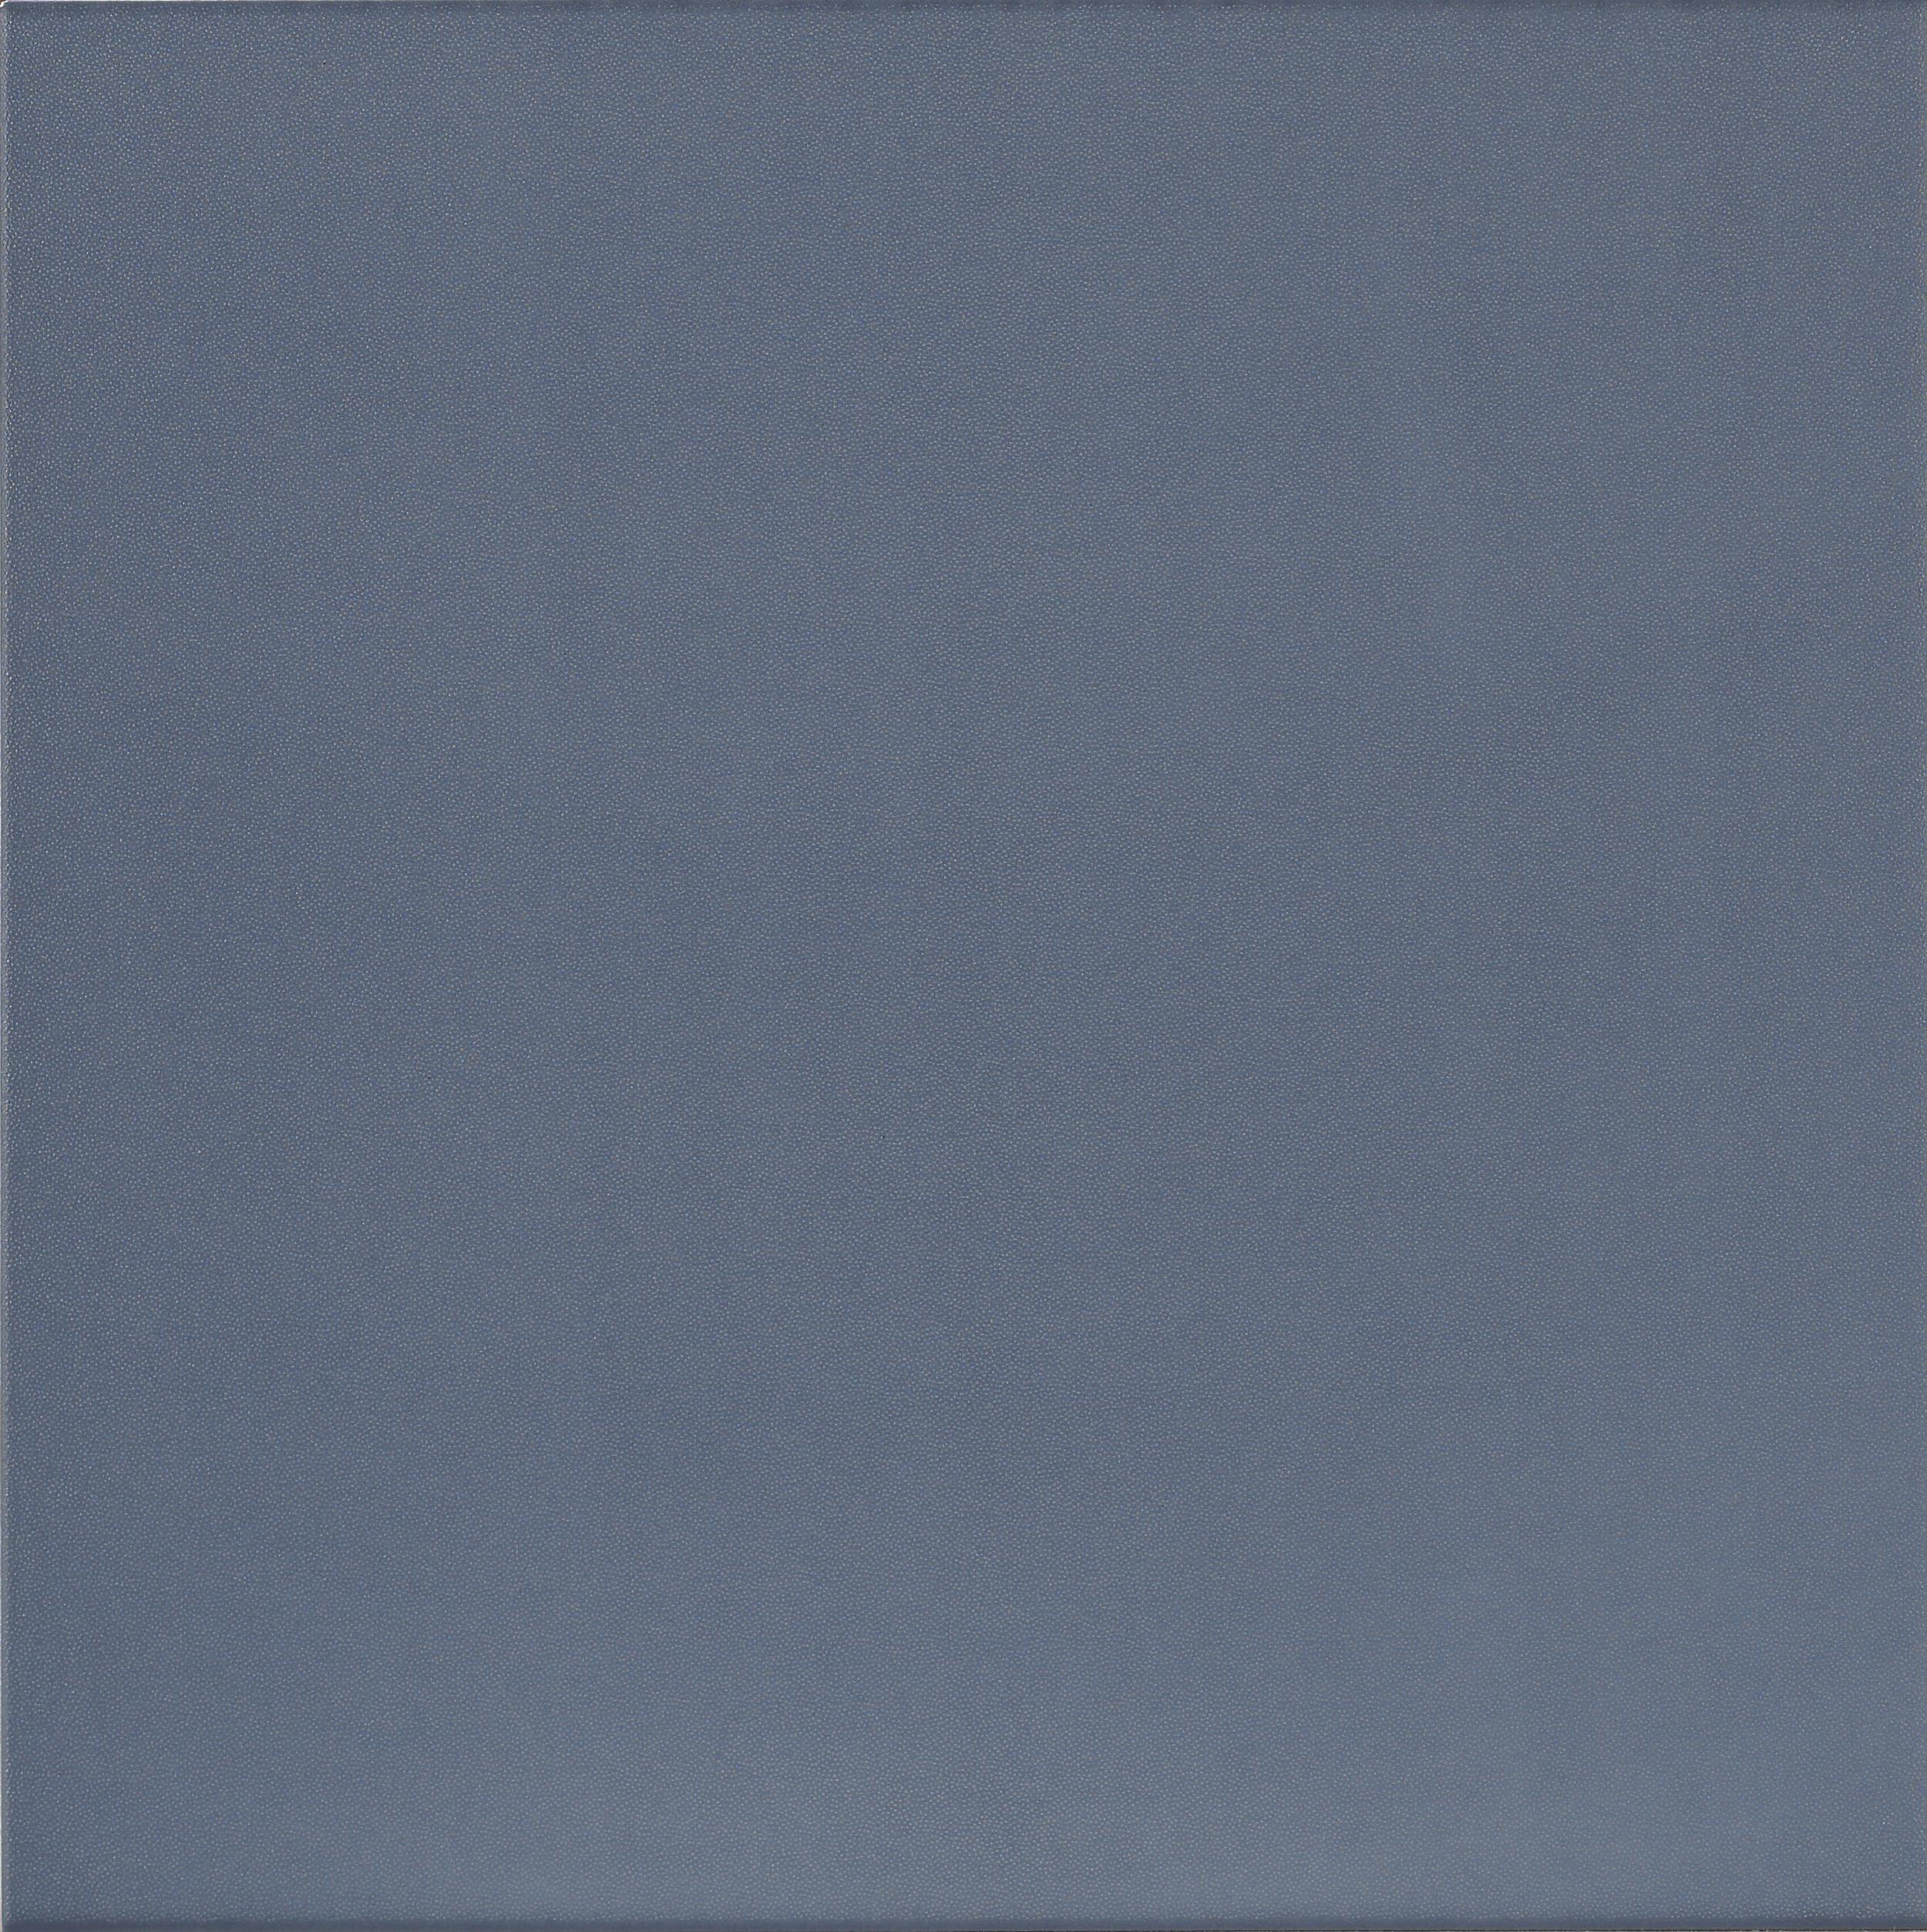 Costa Bleu · 33,3x33,3